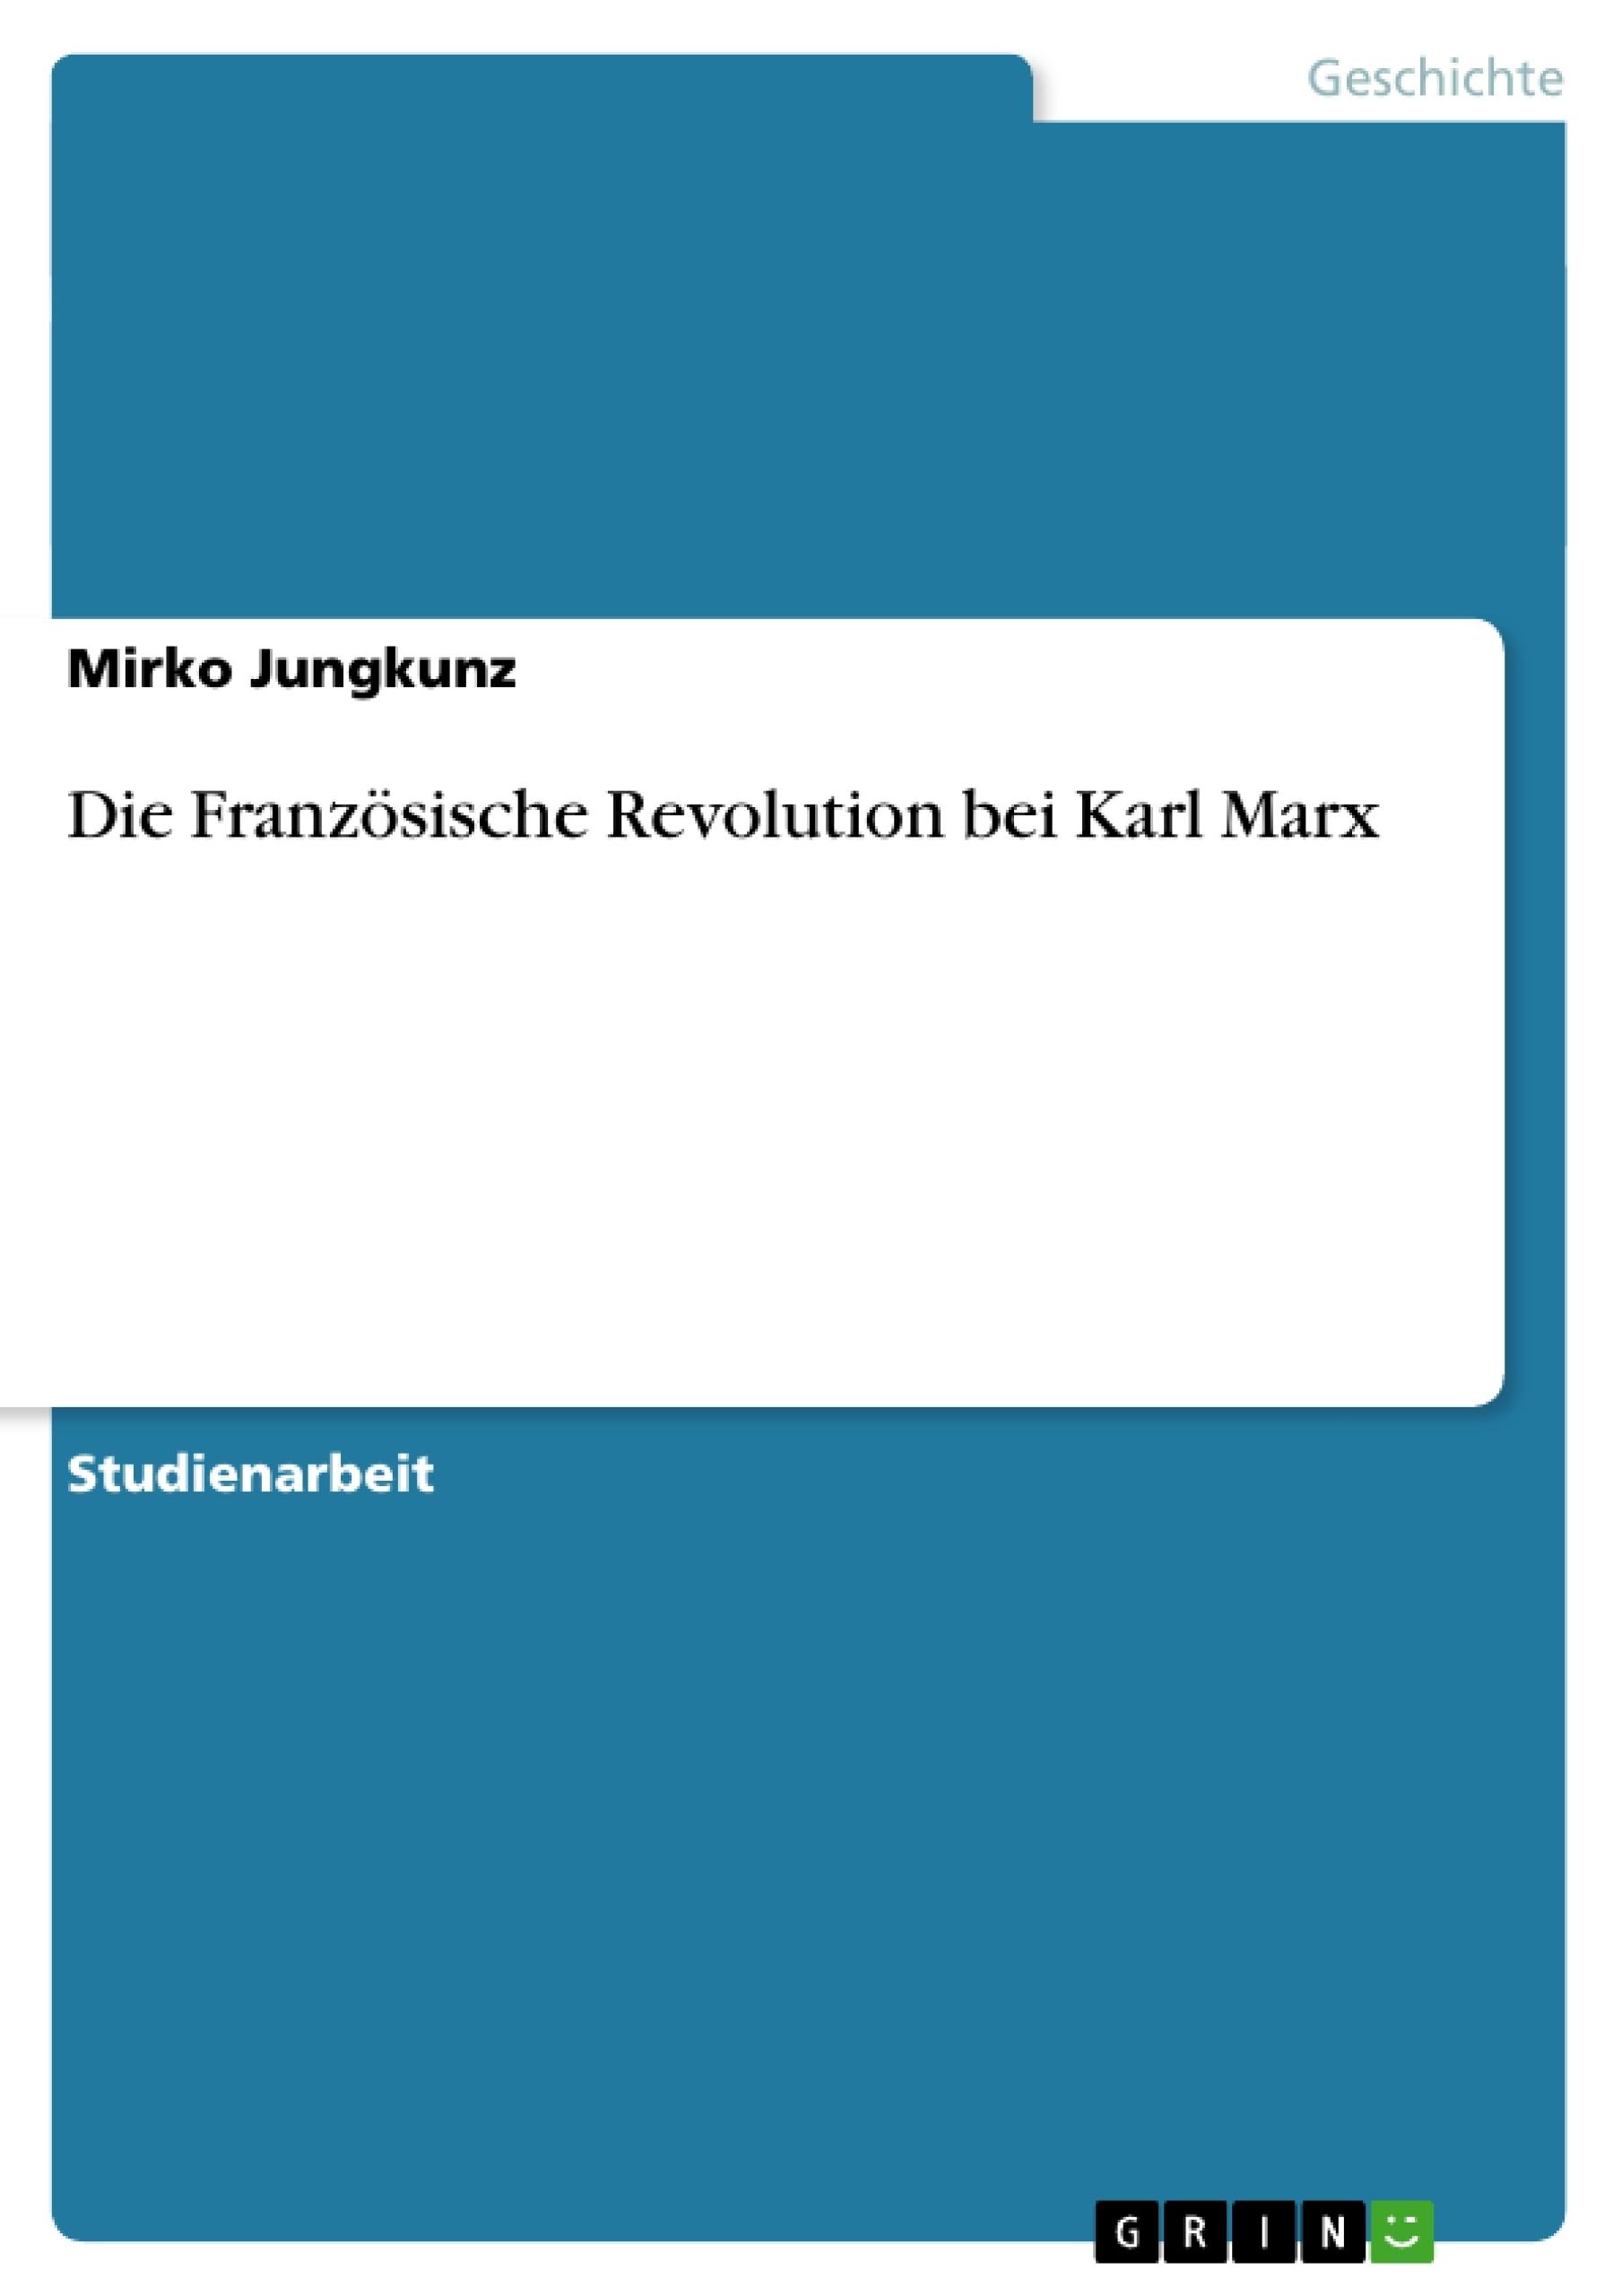 Titel: Die Französische Revolution bei Karl Marx